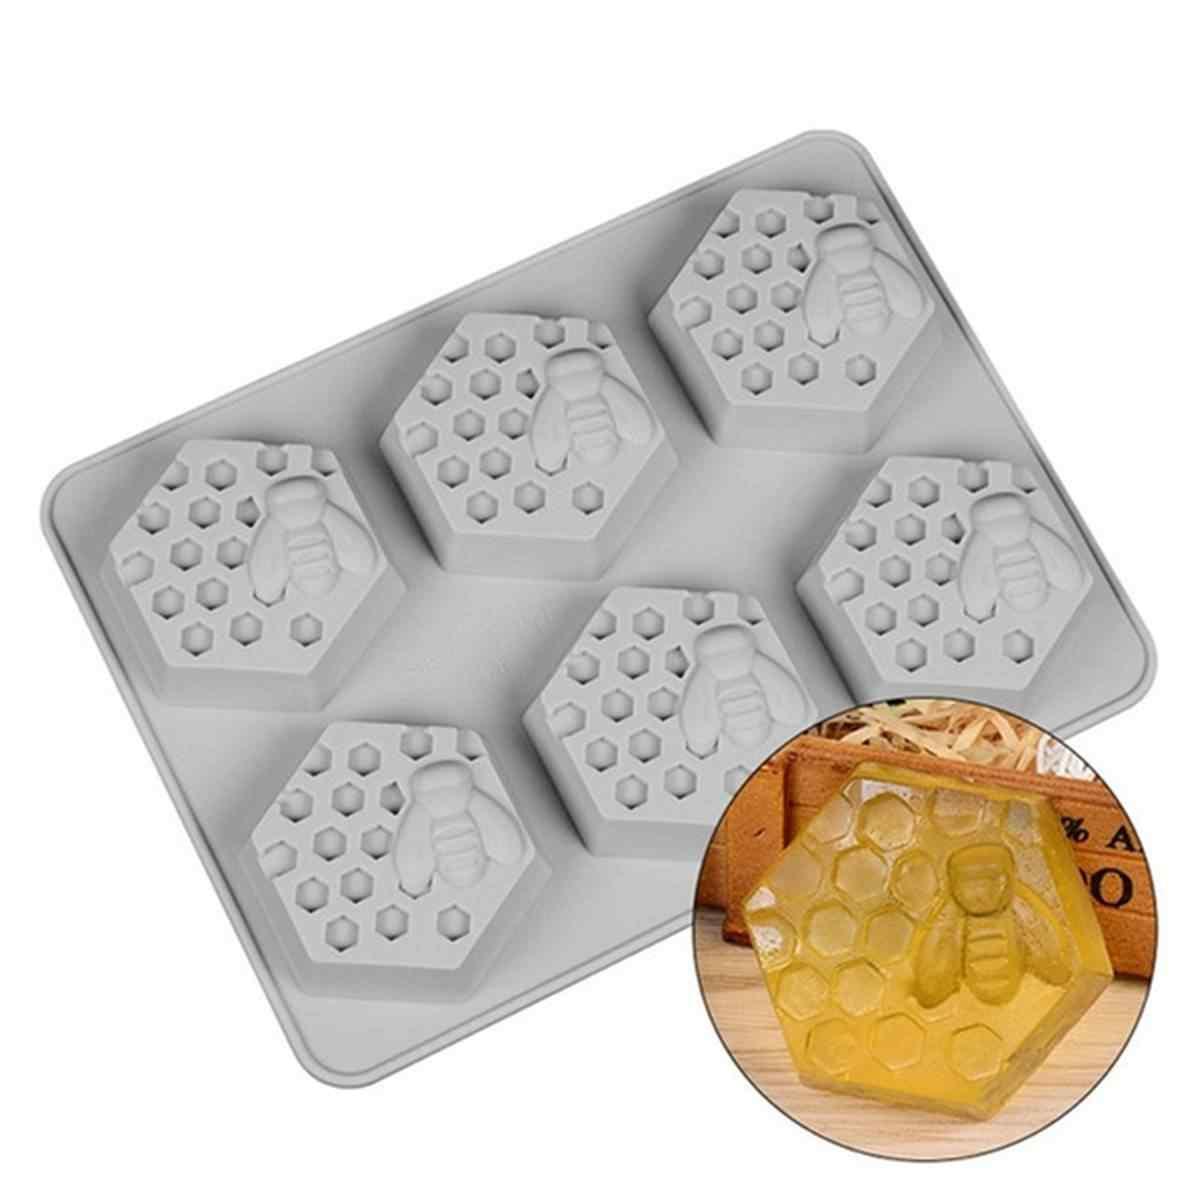 1 шт. медовая пчела Силиконовое Мыло Форма для ручной работы ремесло 3D силиконовые формы для мыла 6 полости шестигранные формы для мыла для DIY Изготовление мыла